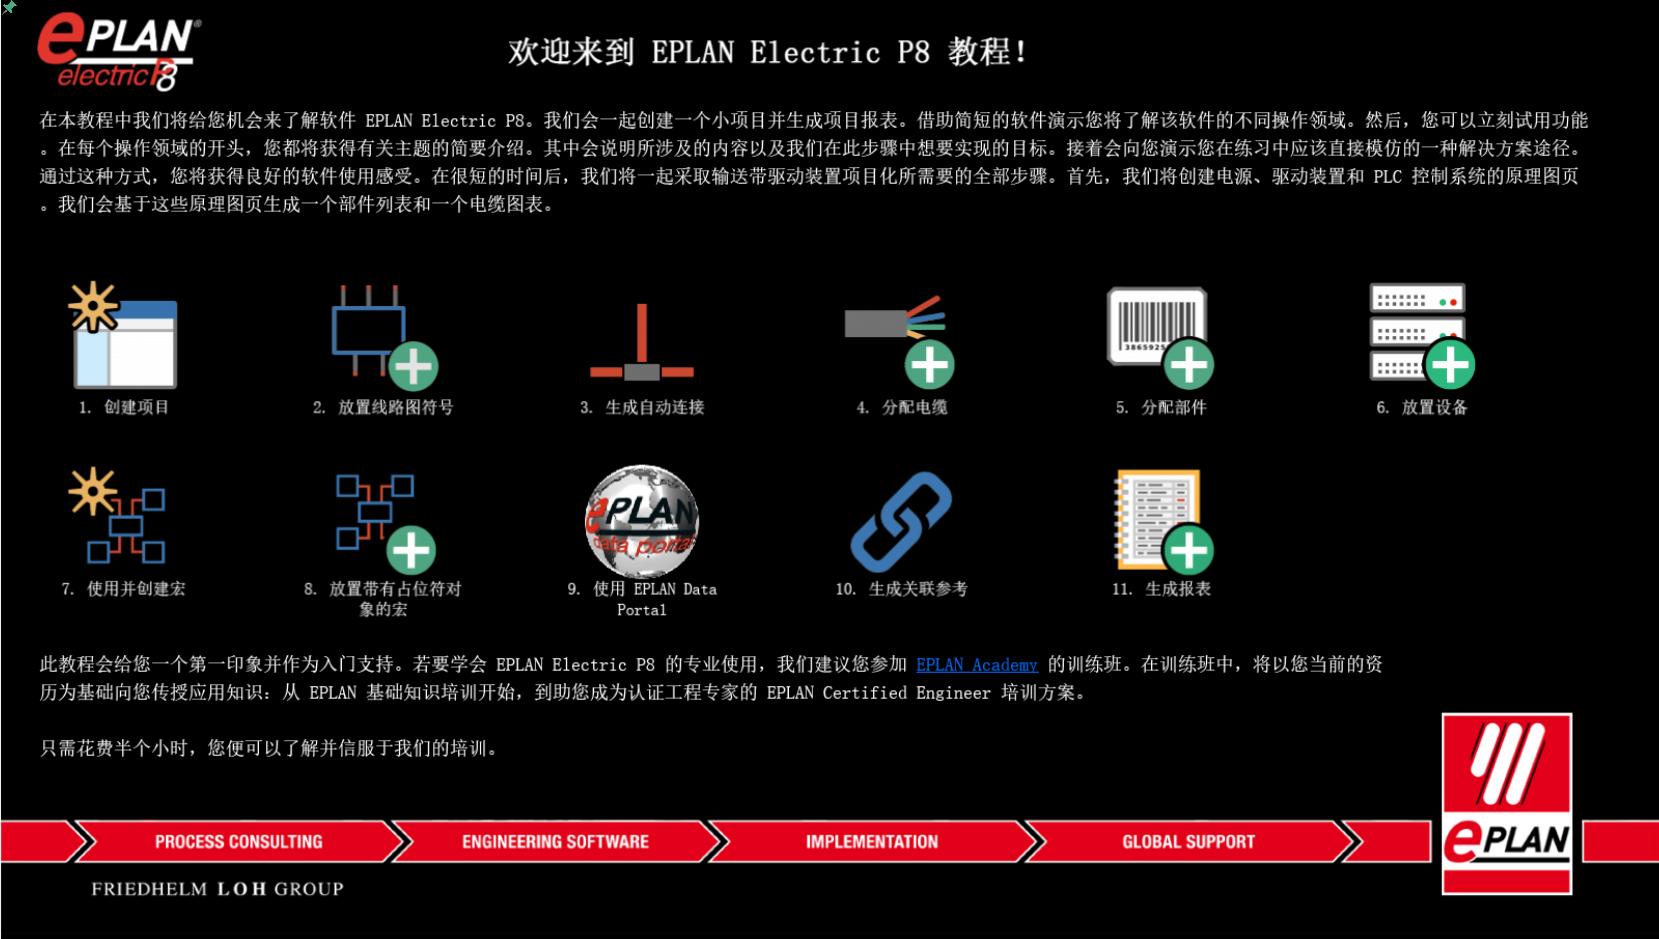 EPLAN Electric P8 官方入门教程